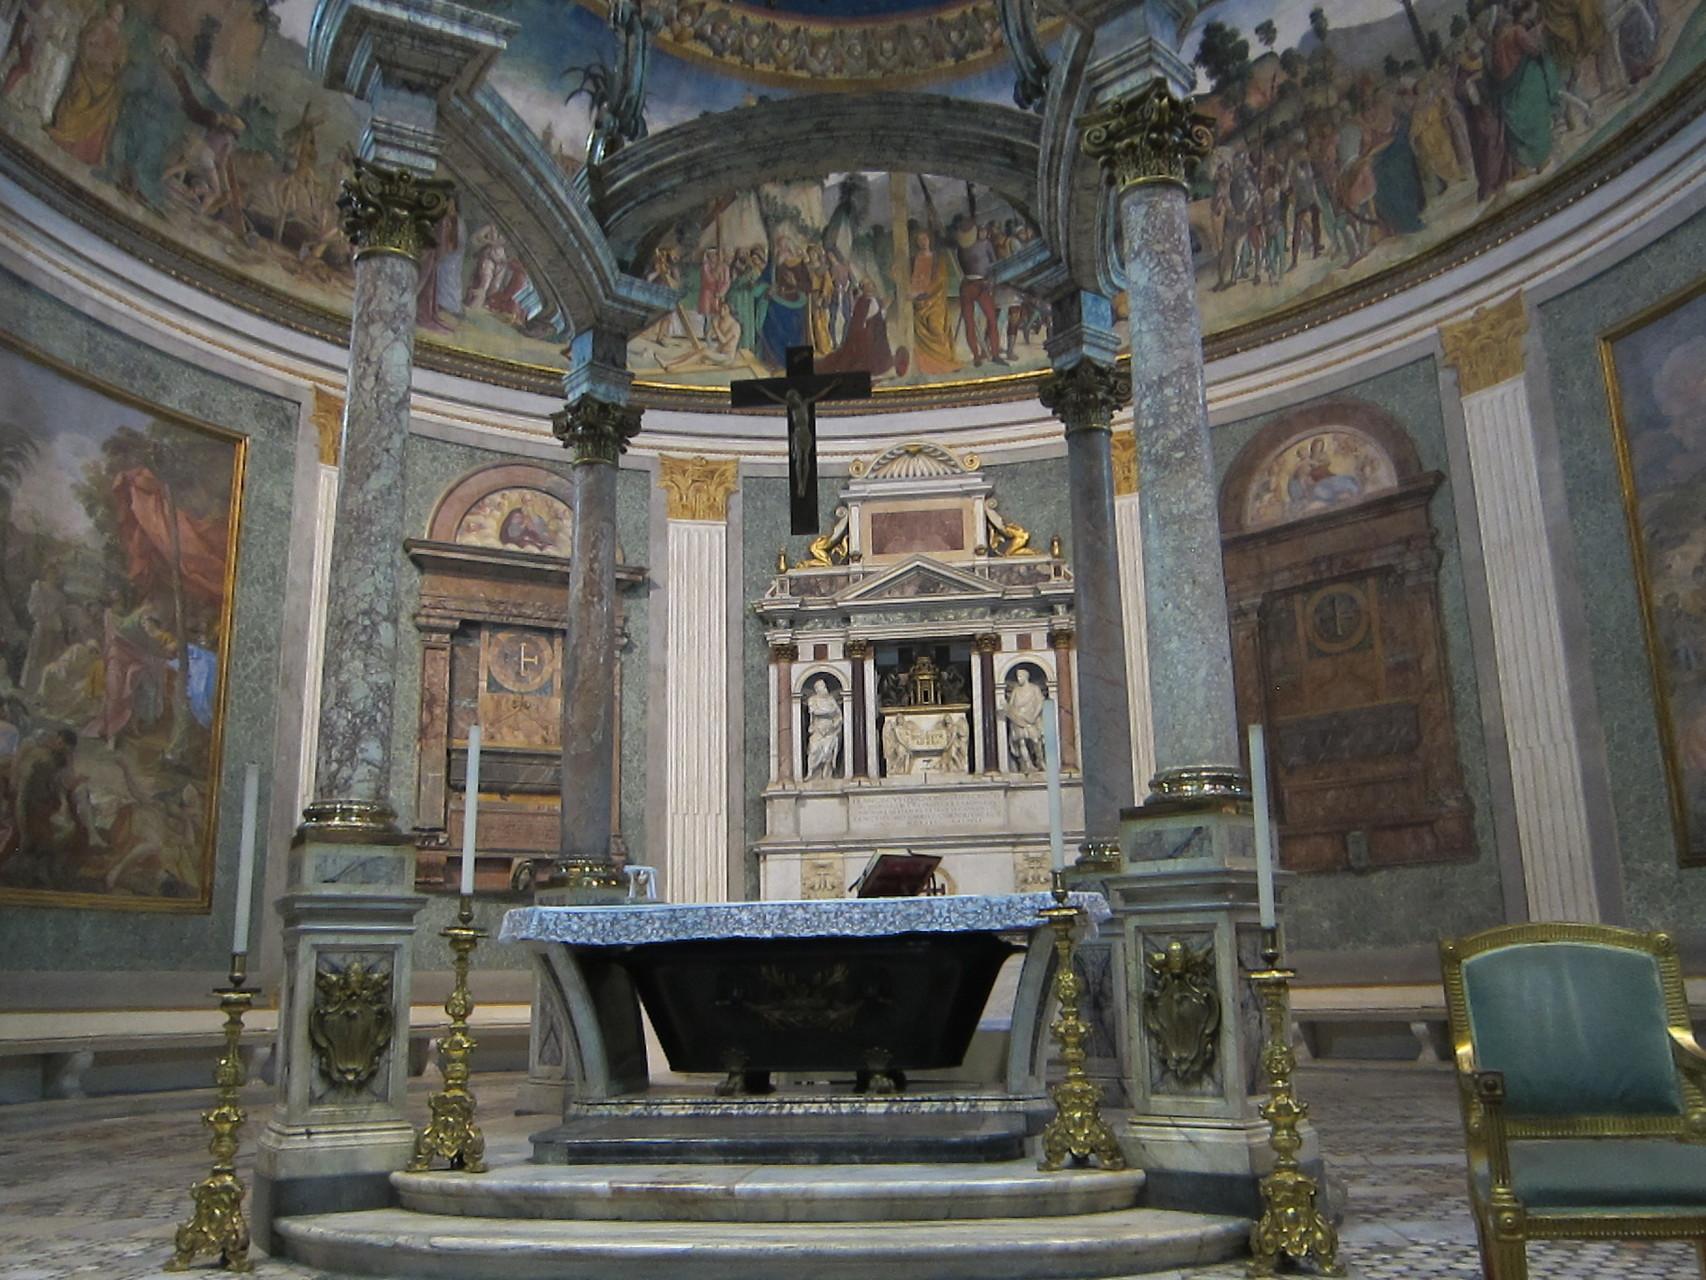 祭壇となっているのはローマ時代の浴槽